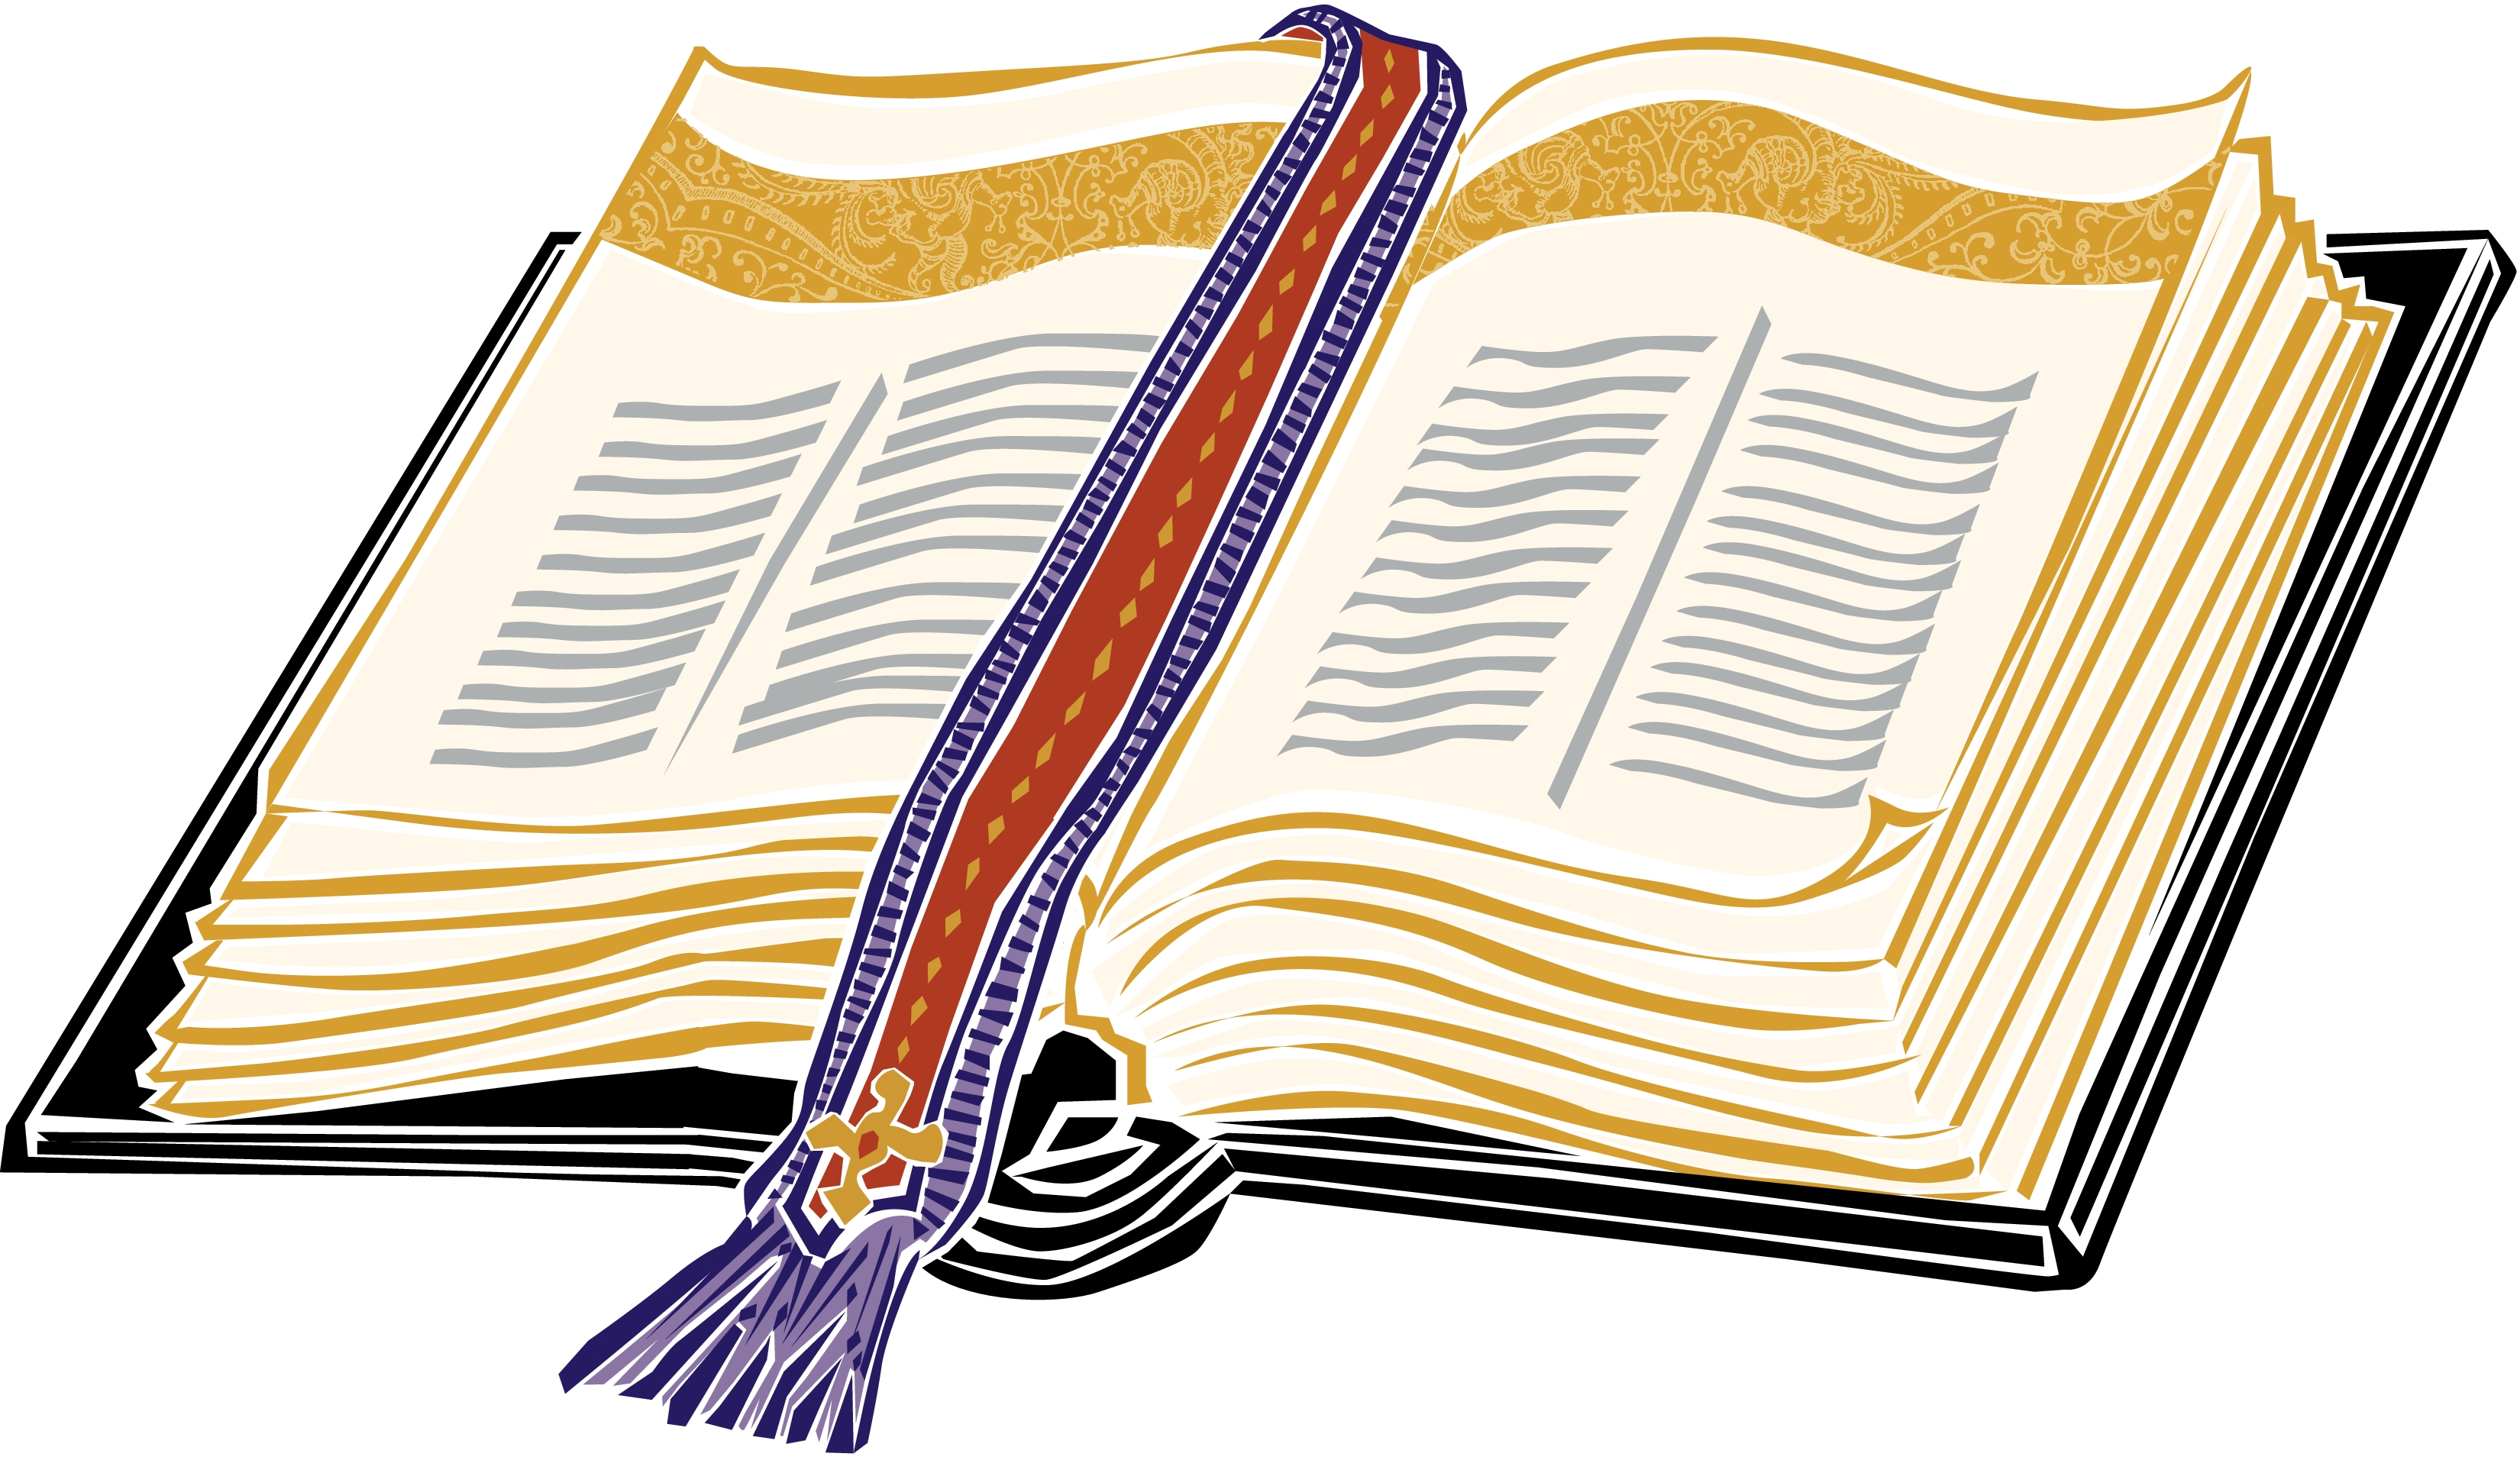 3300x1912 Open Bible Clip Art